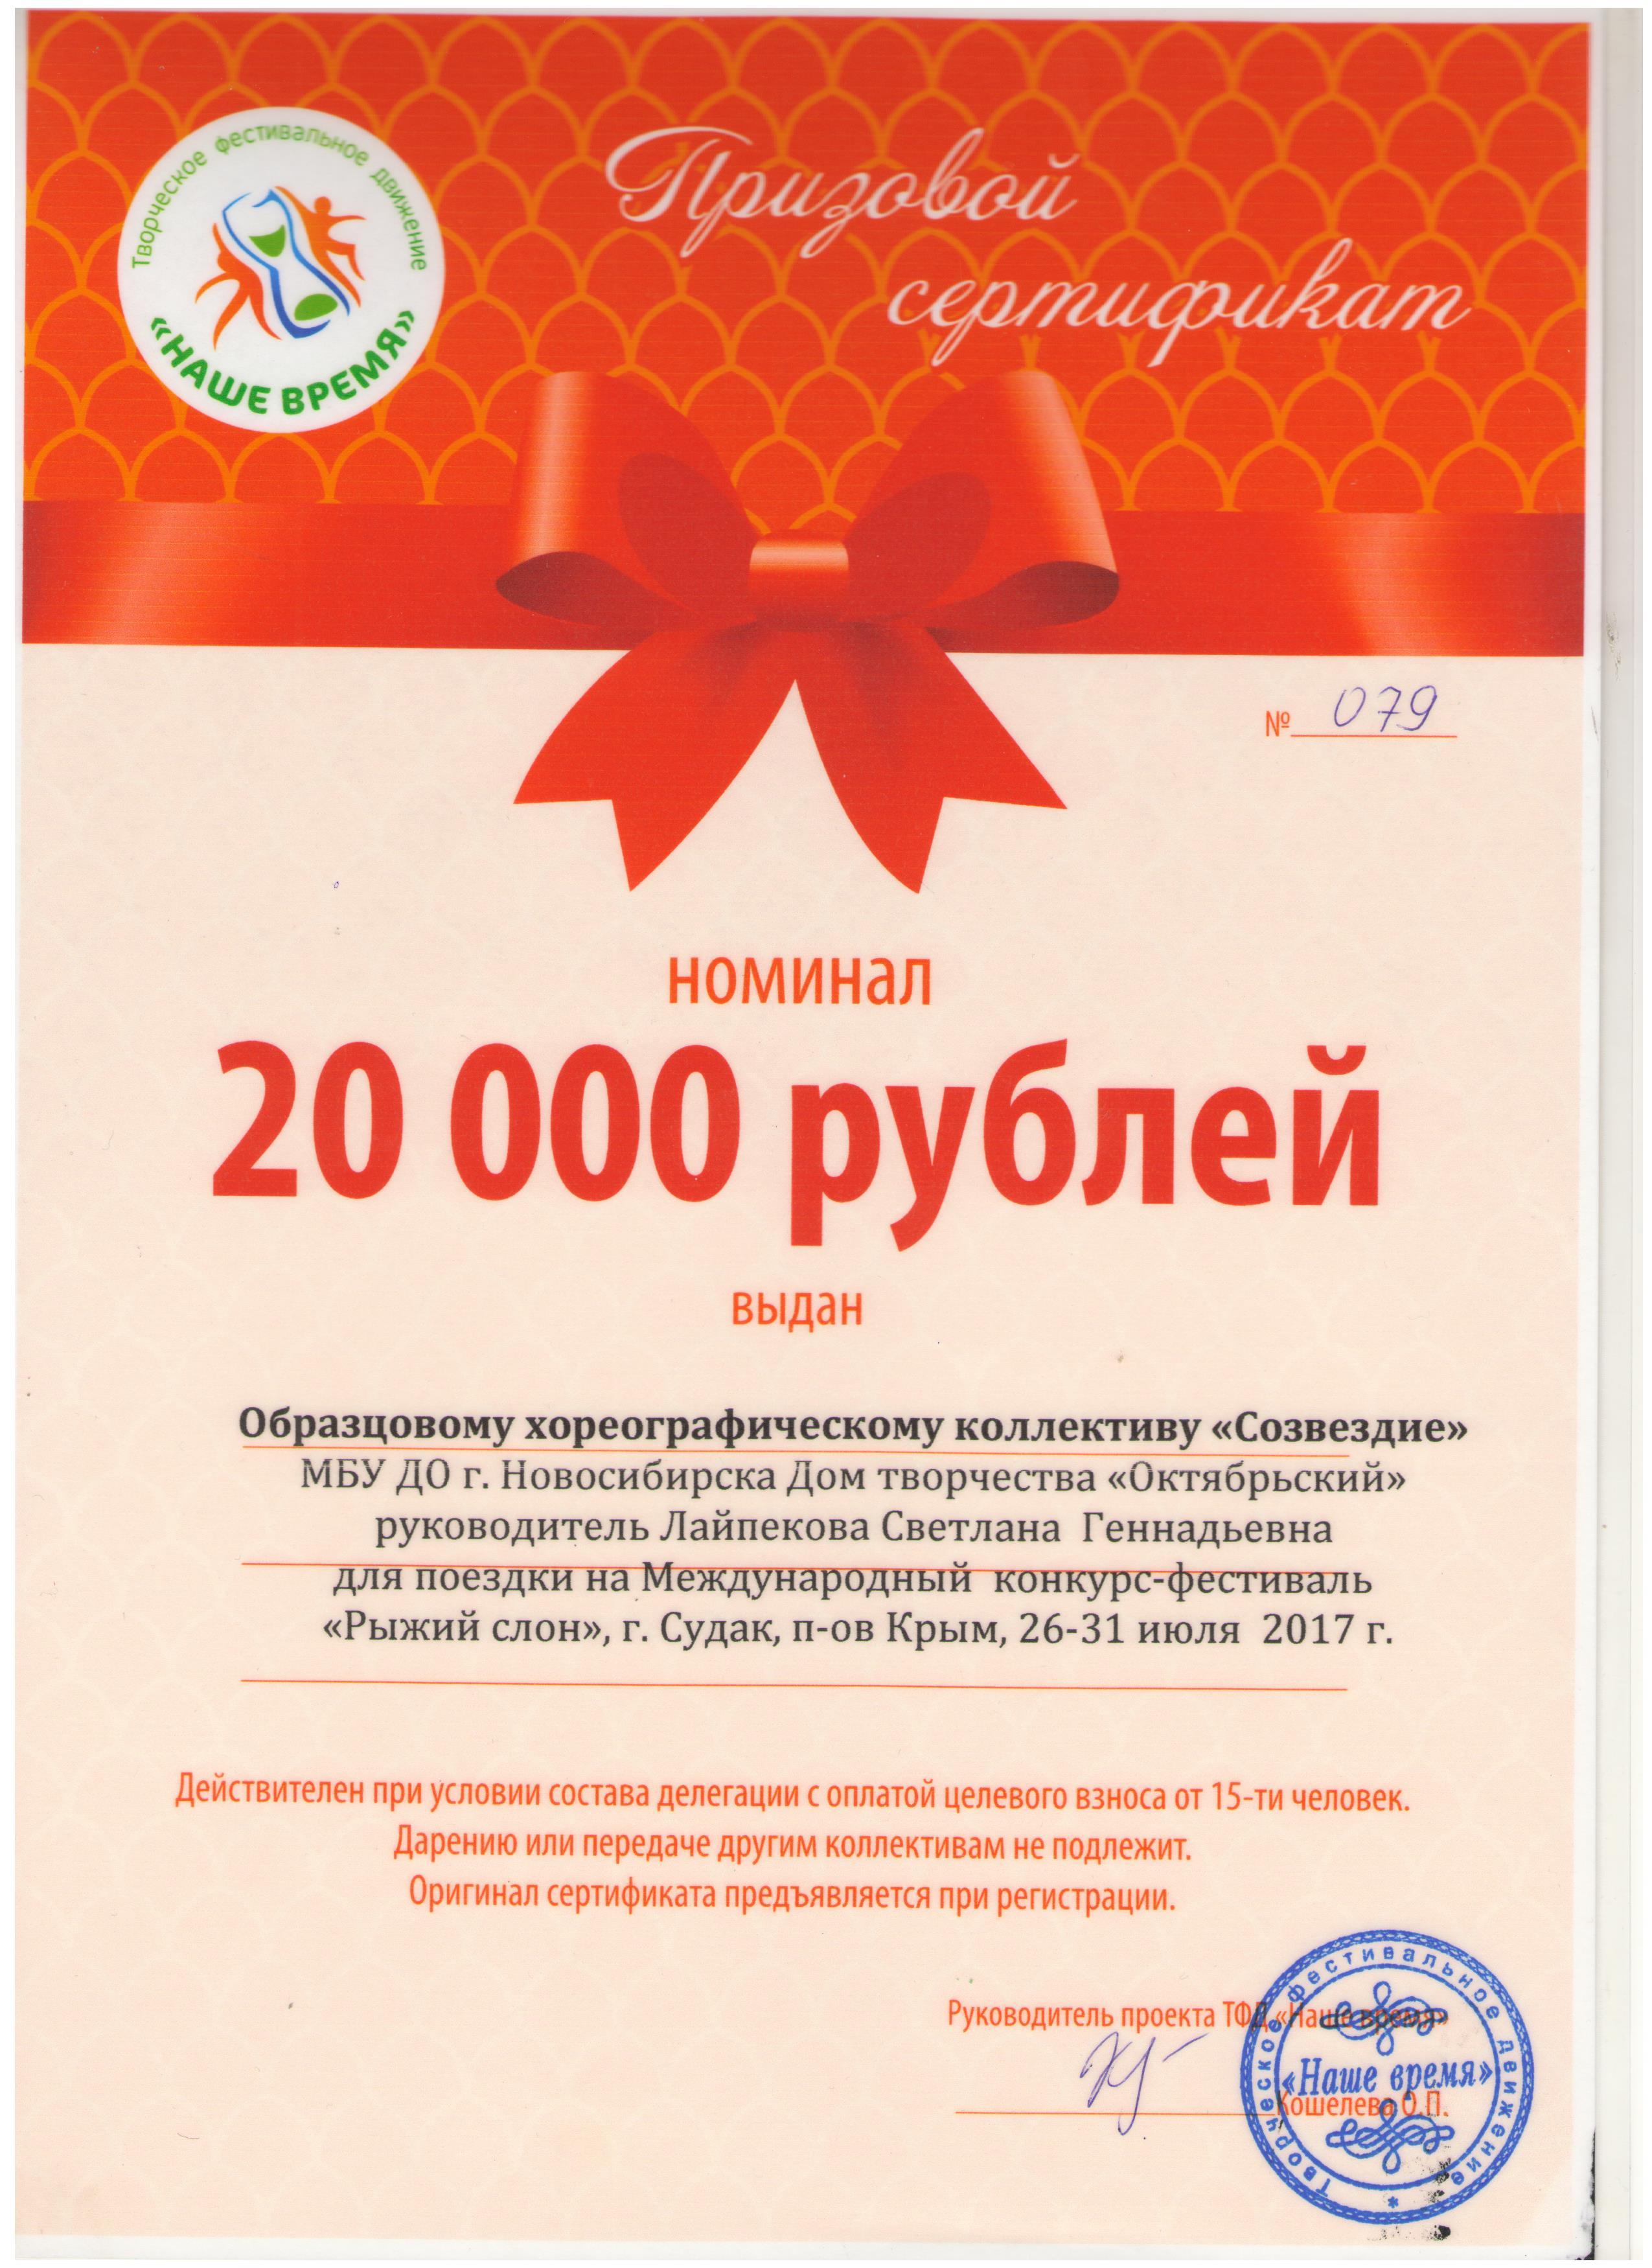 Фестиваль мечты_сертификат_январь 2017 001